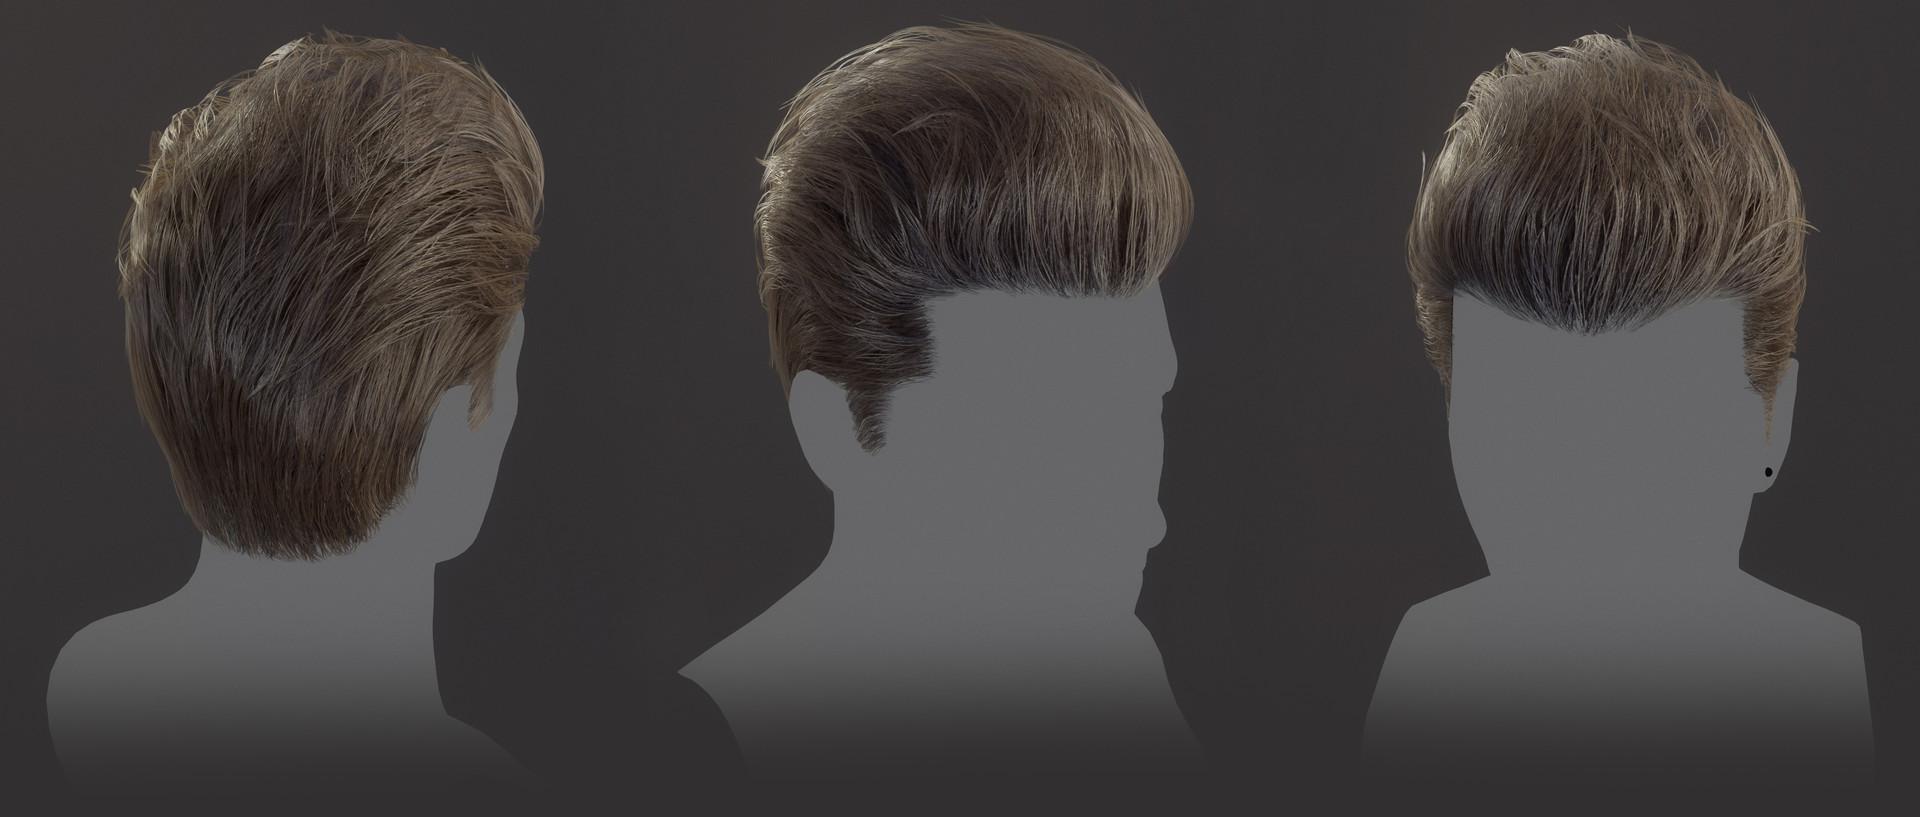 Danaos christopoulos hades hair render 1jpg